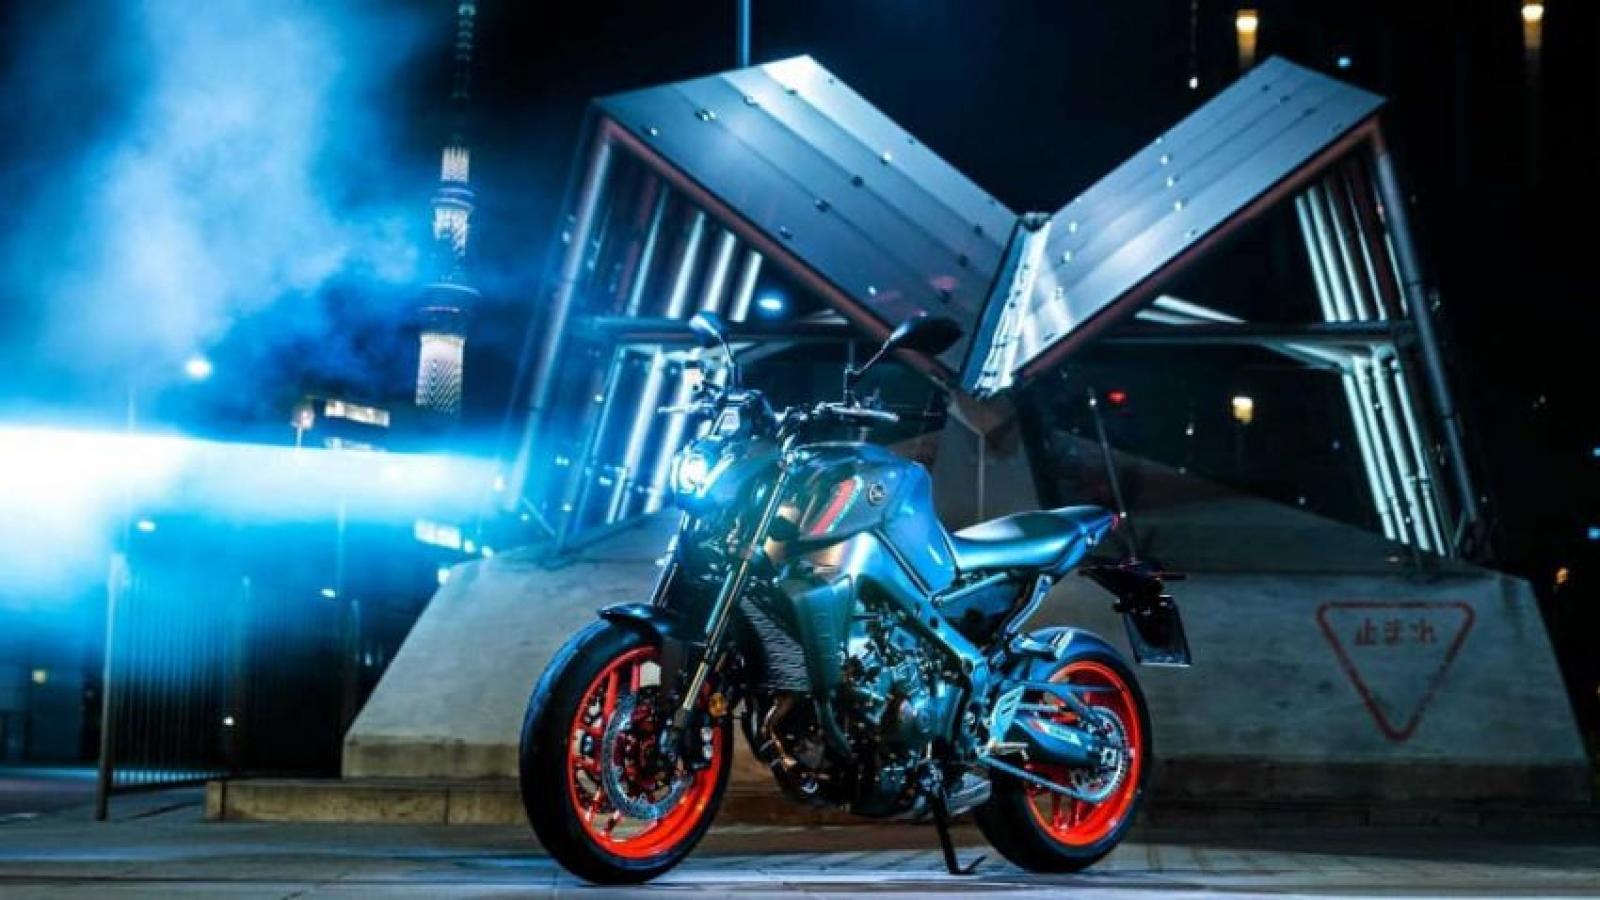 Yamaha MT-09 2021 mới ra mắt với nhiều cải tiến đáng mong chờ